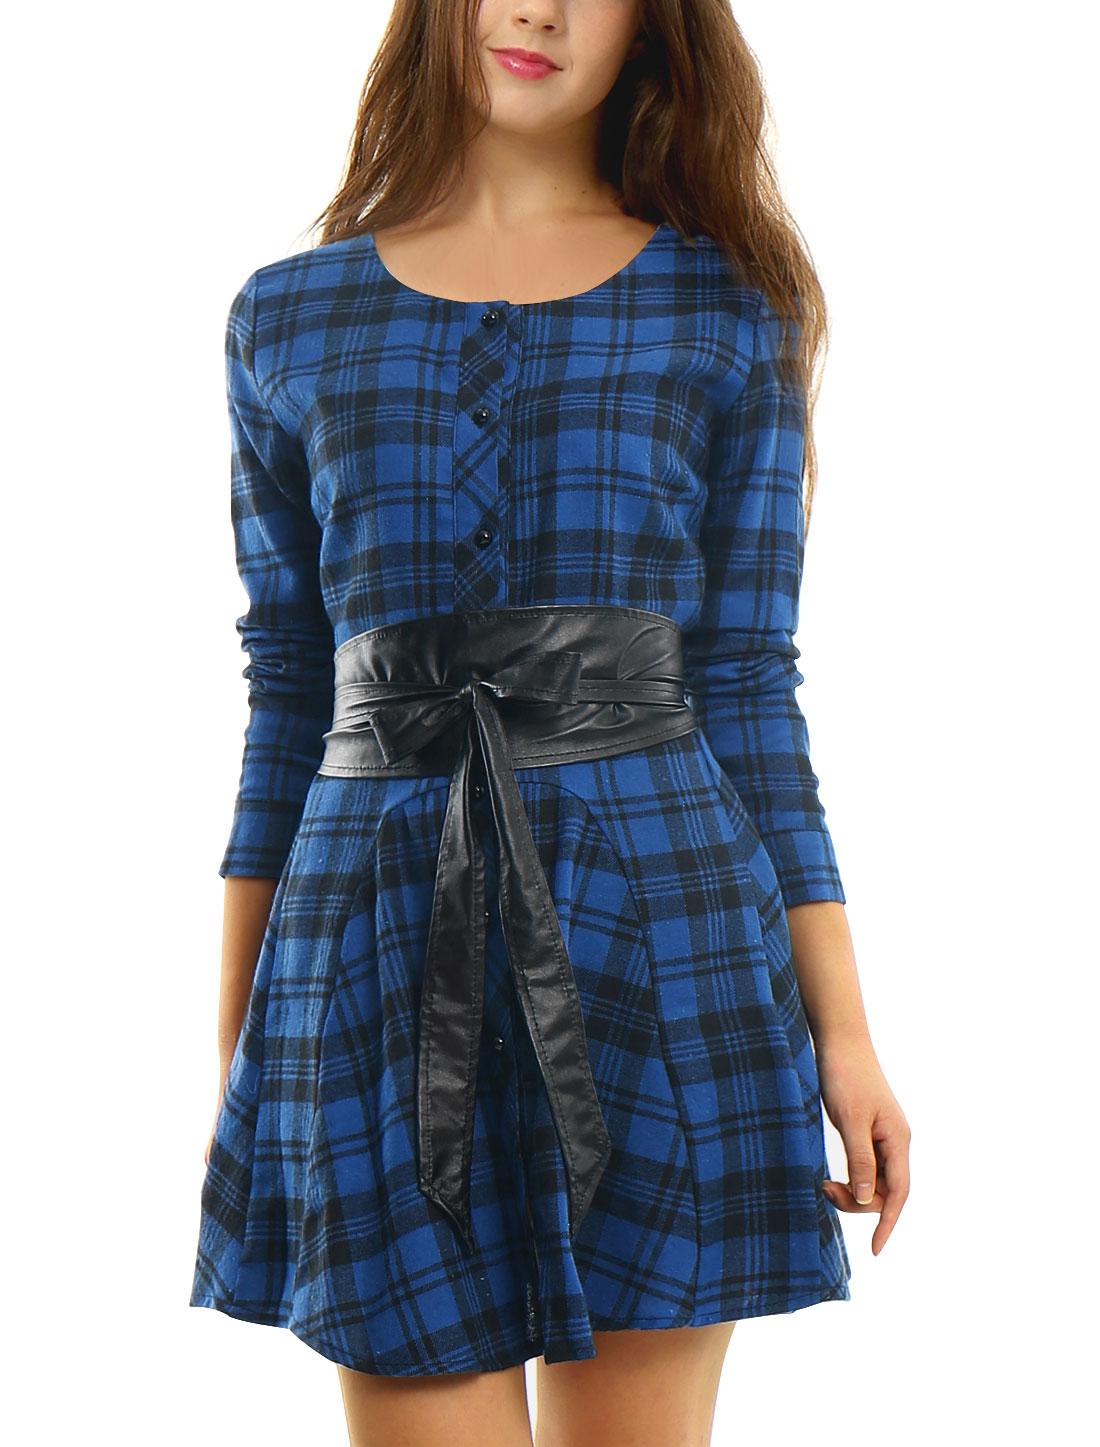 Women Plaids Long Sleeves Belted A Line Shirt Dress Dark Blue Black M